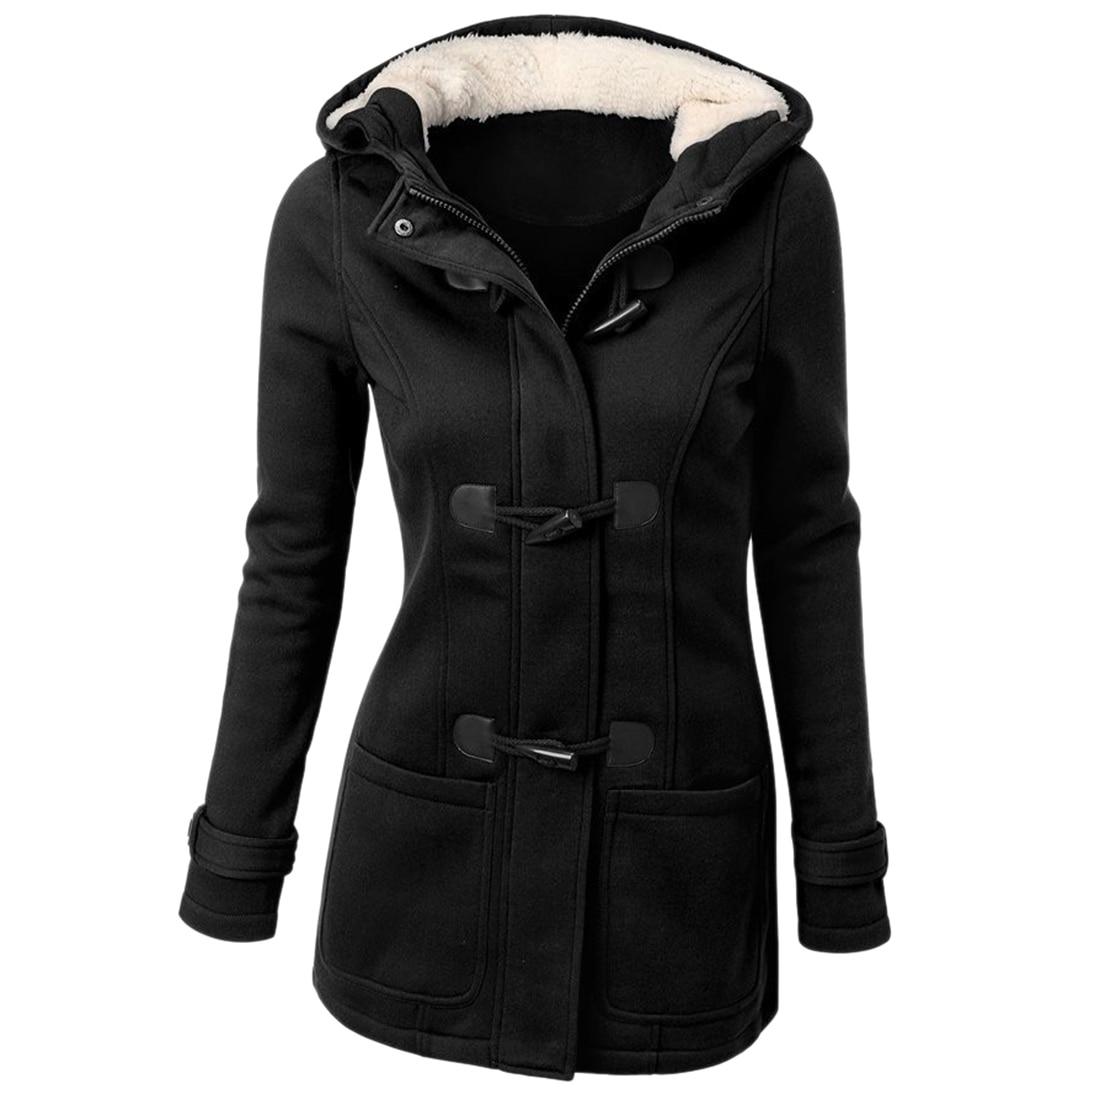 Winter Coat Women 2015 New Fashion Women Wool Blends Slim Hooded Collar Zipper Horn Button Long Coats Outerwear special button